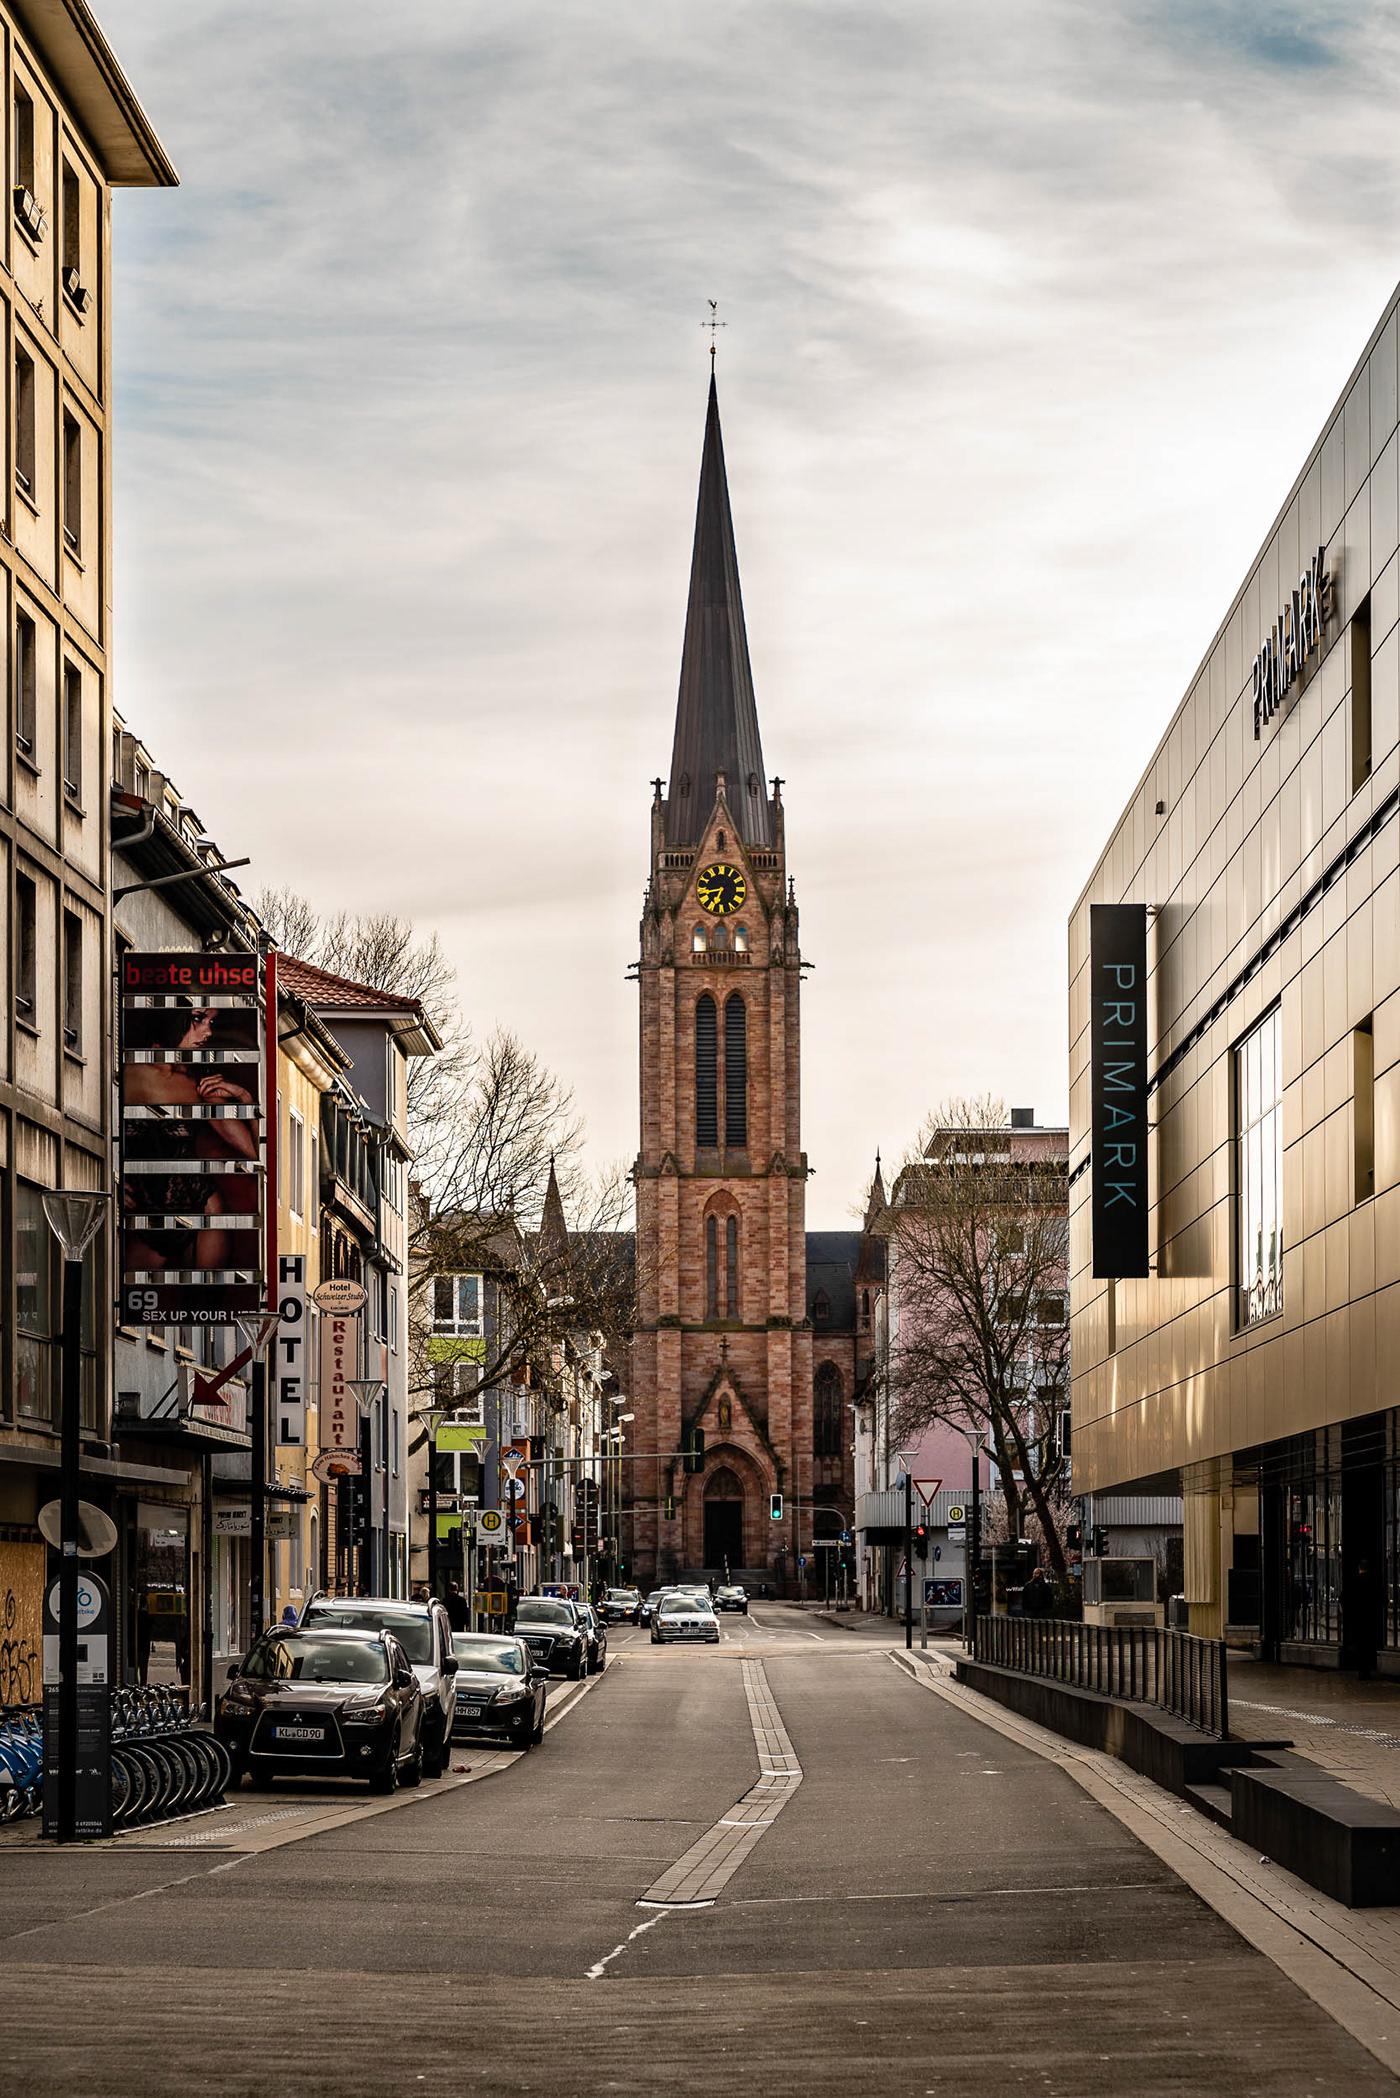 Down Town Kaiserslautern 2018 on Behance